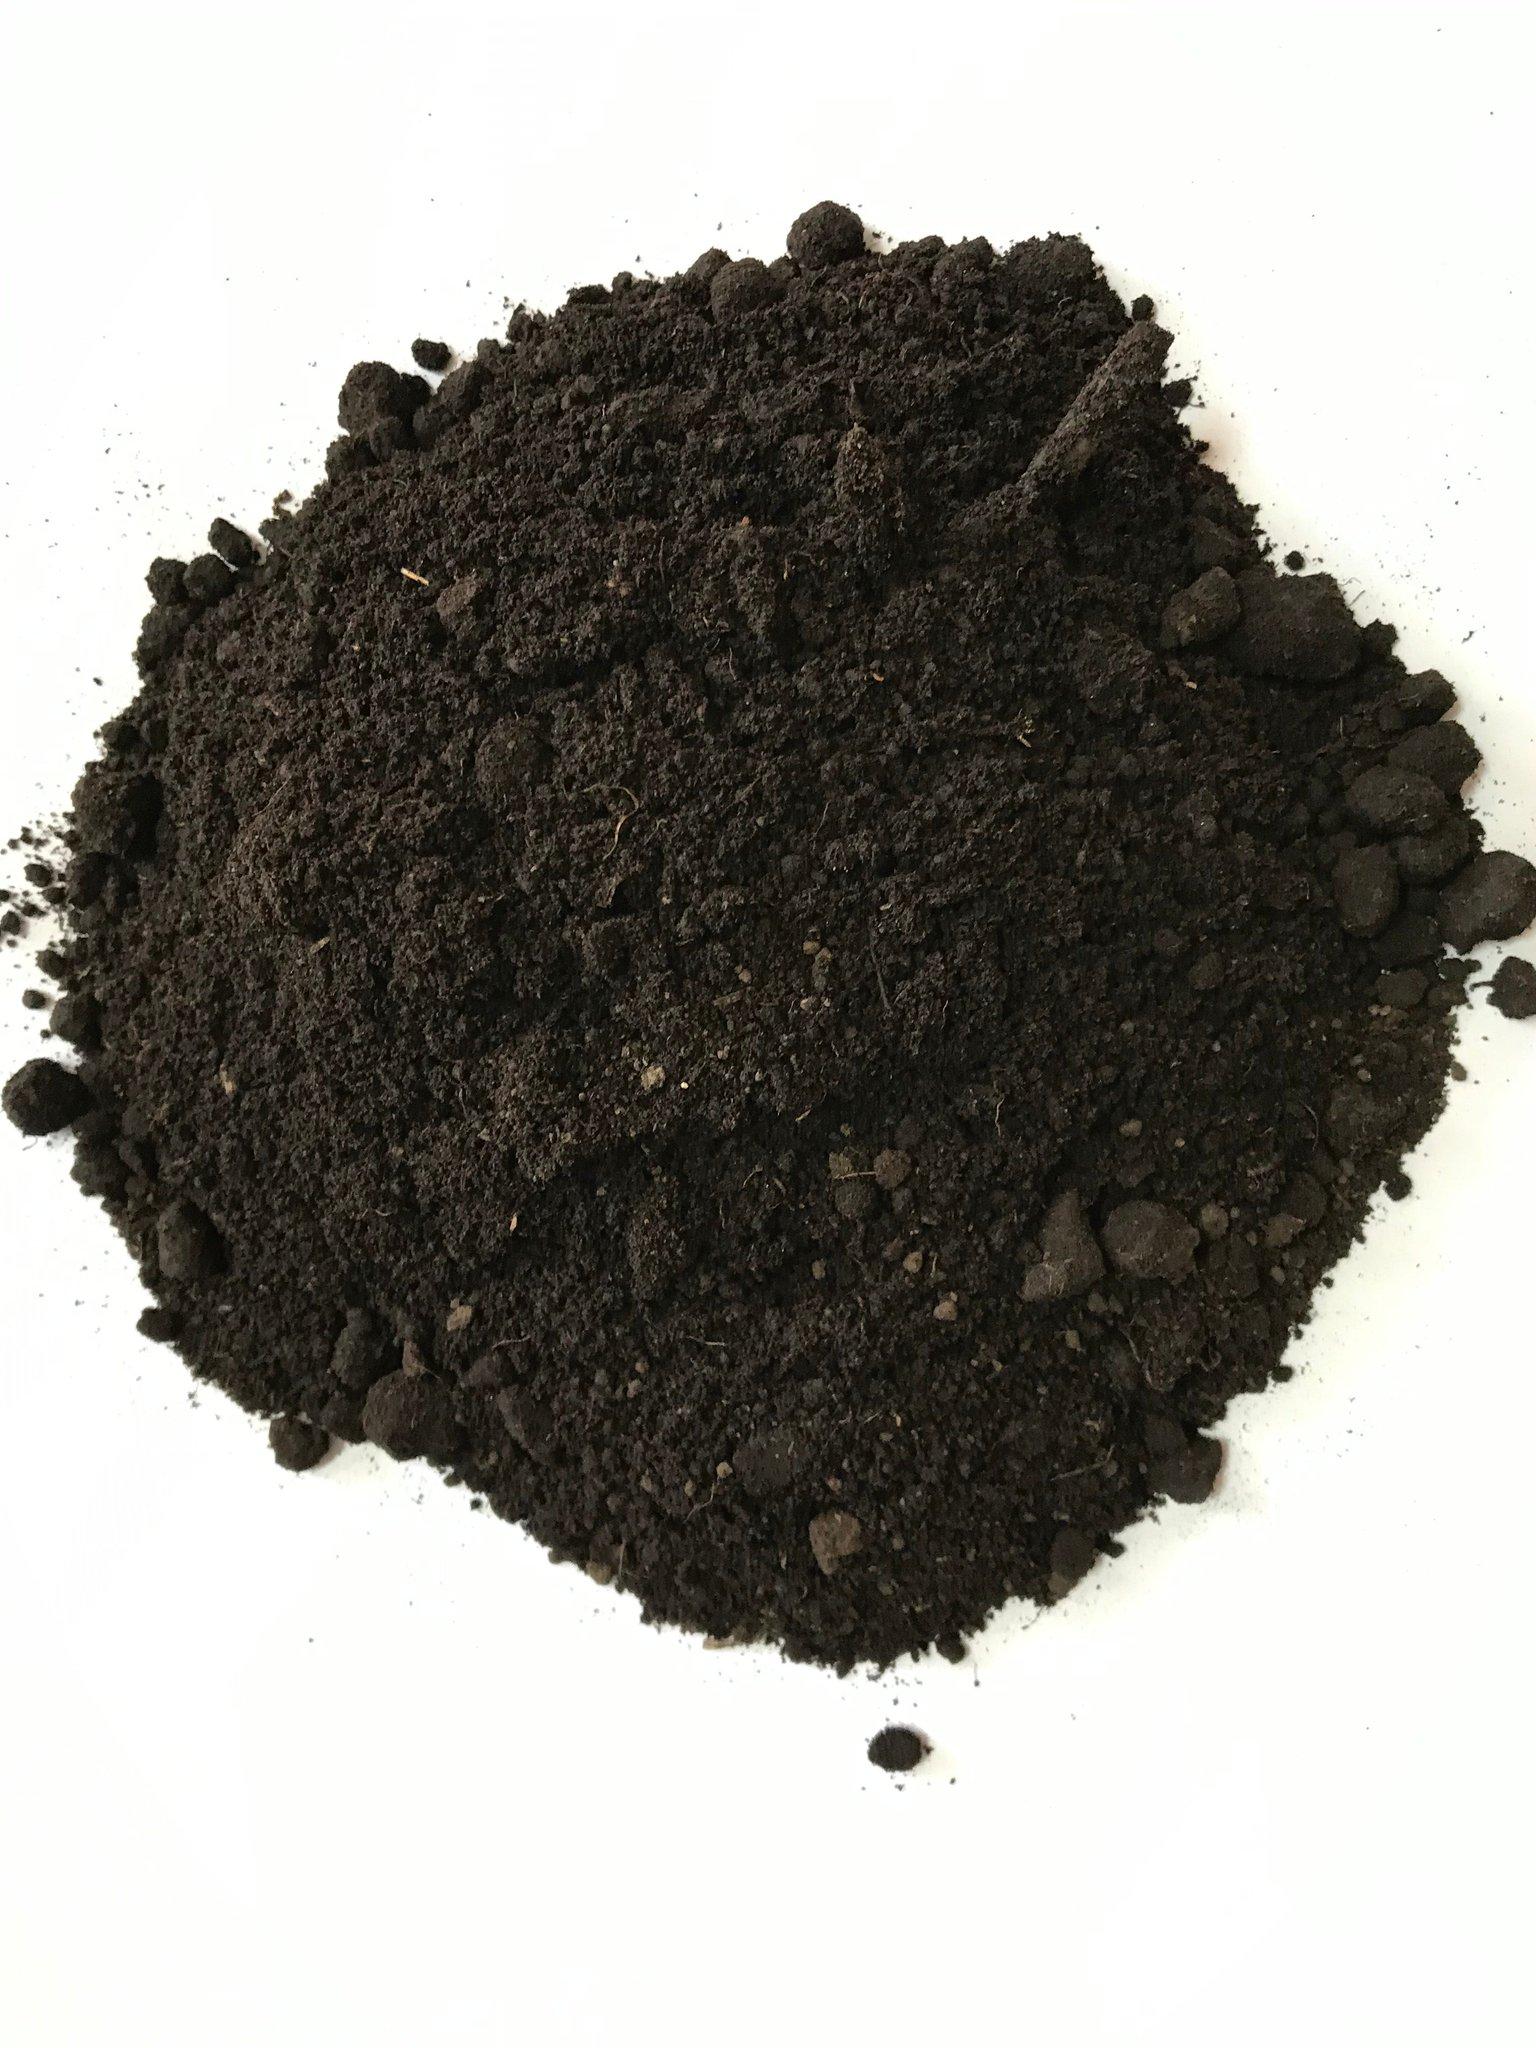 сапропелевые грязи добыча фото туберкулез, как ступень